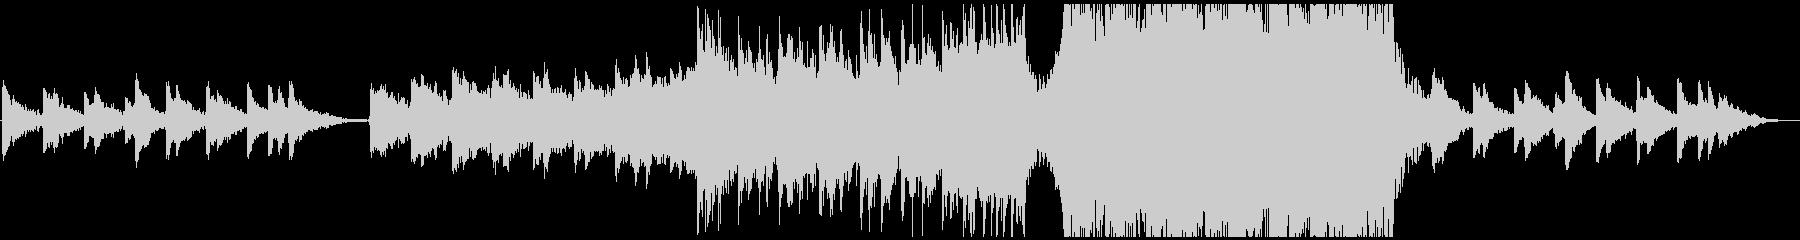 【CM,VP】感動的なピアノオーケストラの未再生の波形